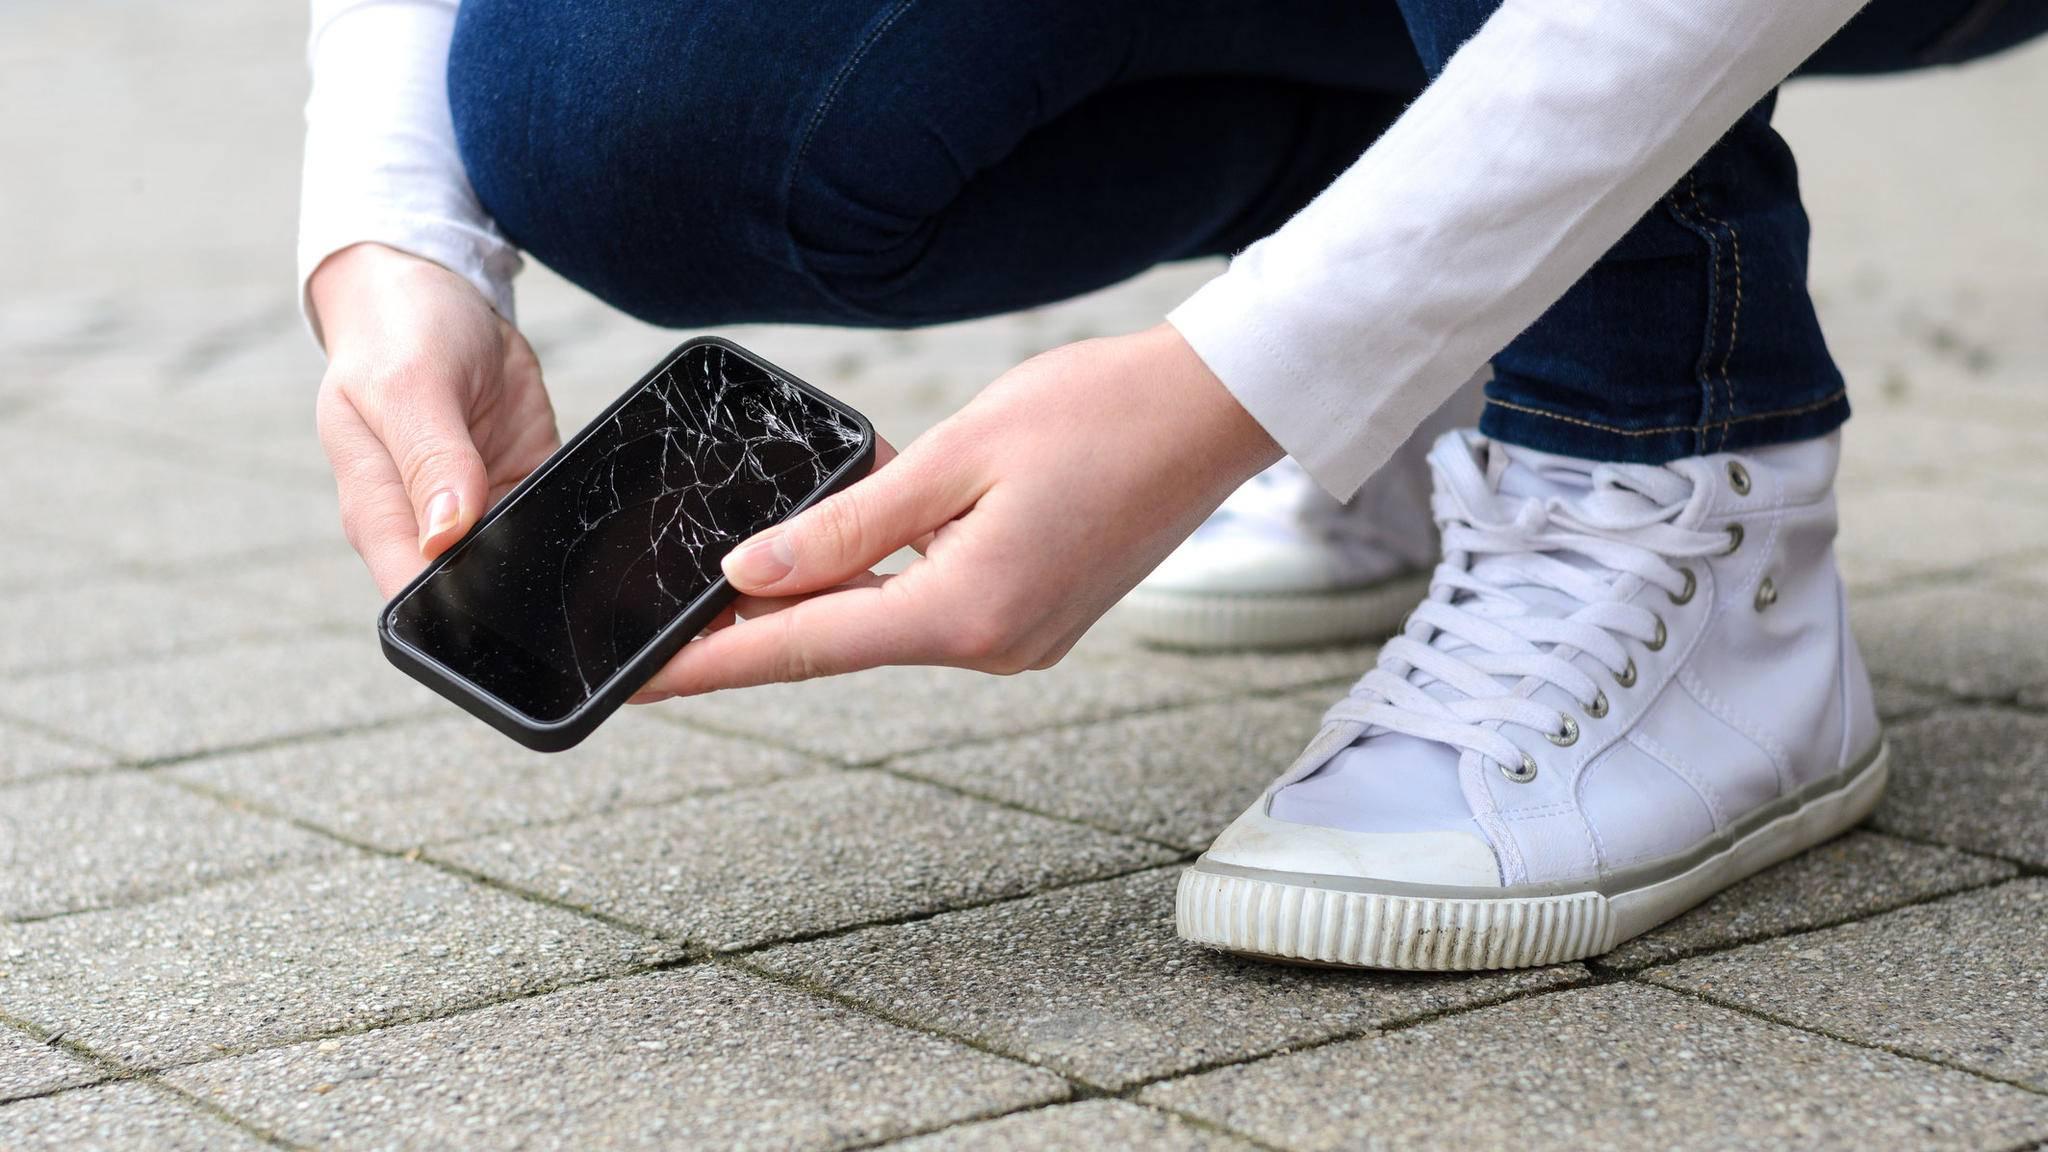 Android-Smartphone kaputt